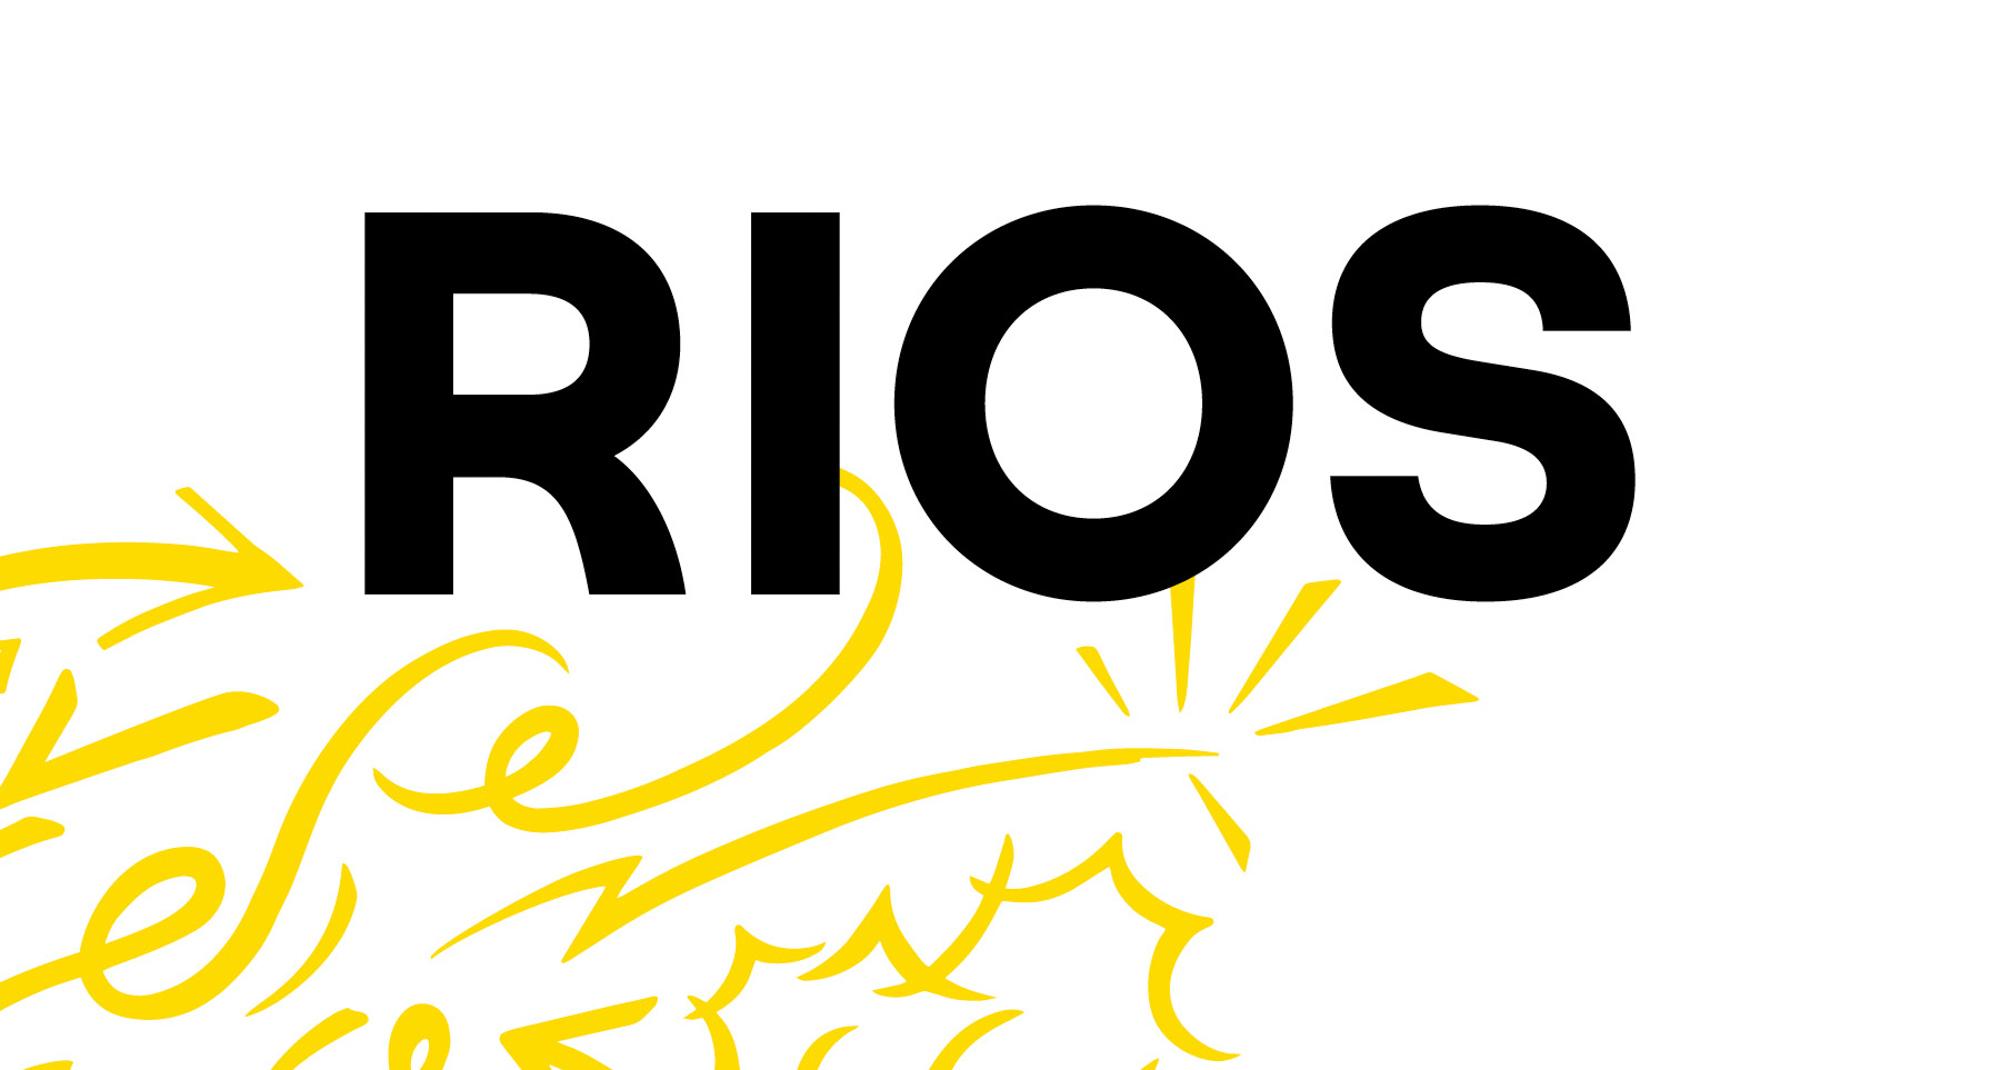 The RIOS logo